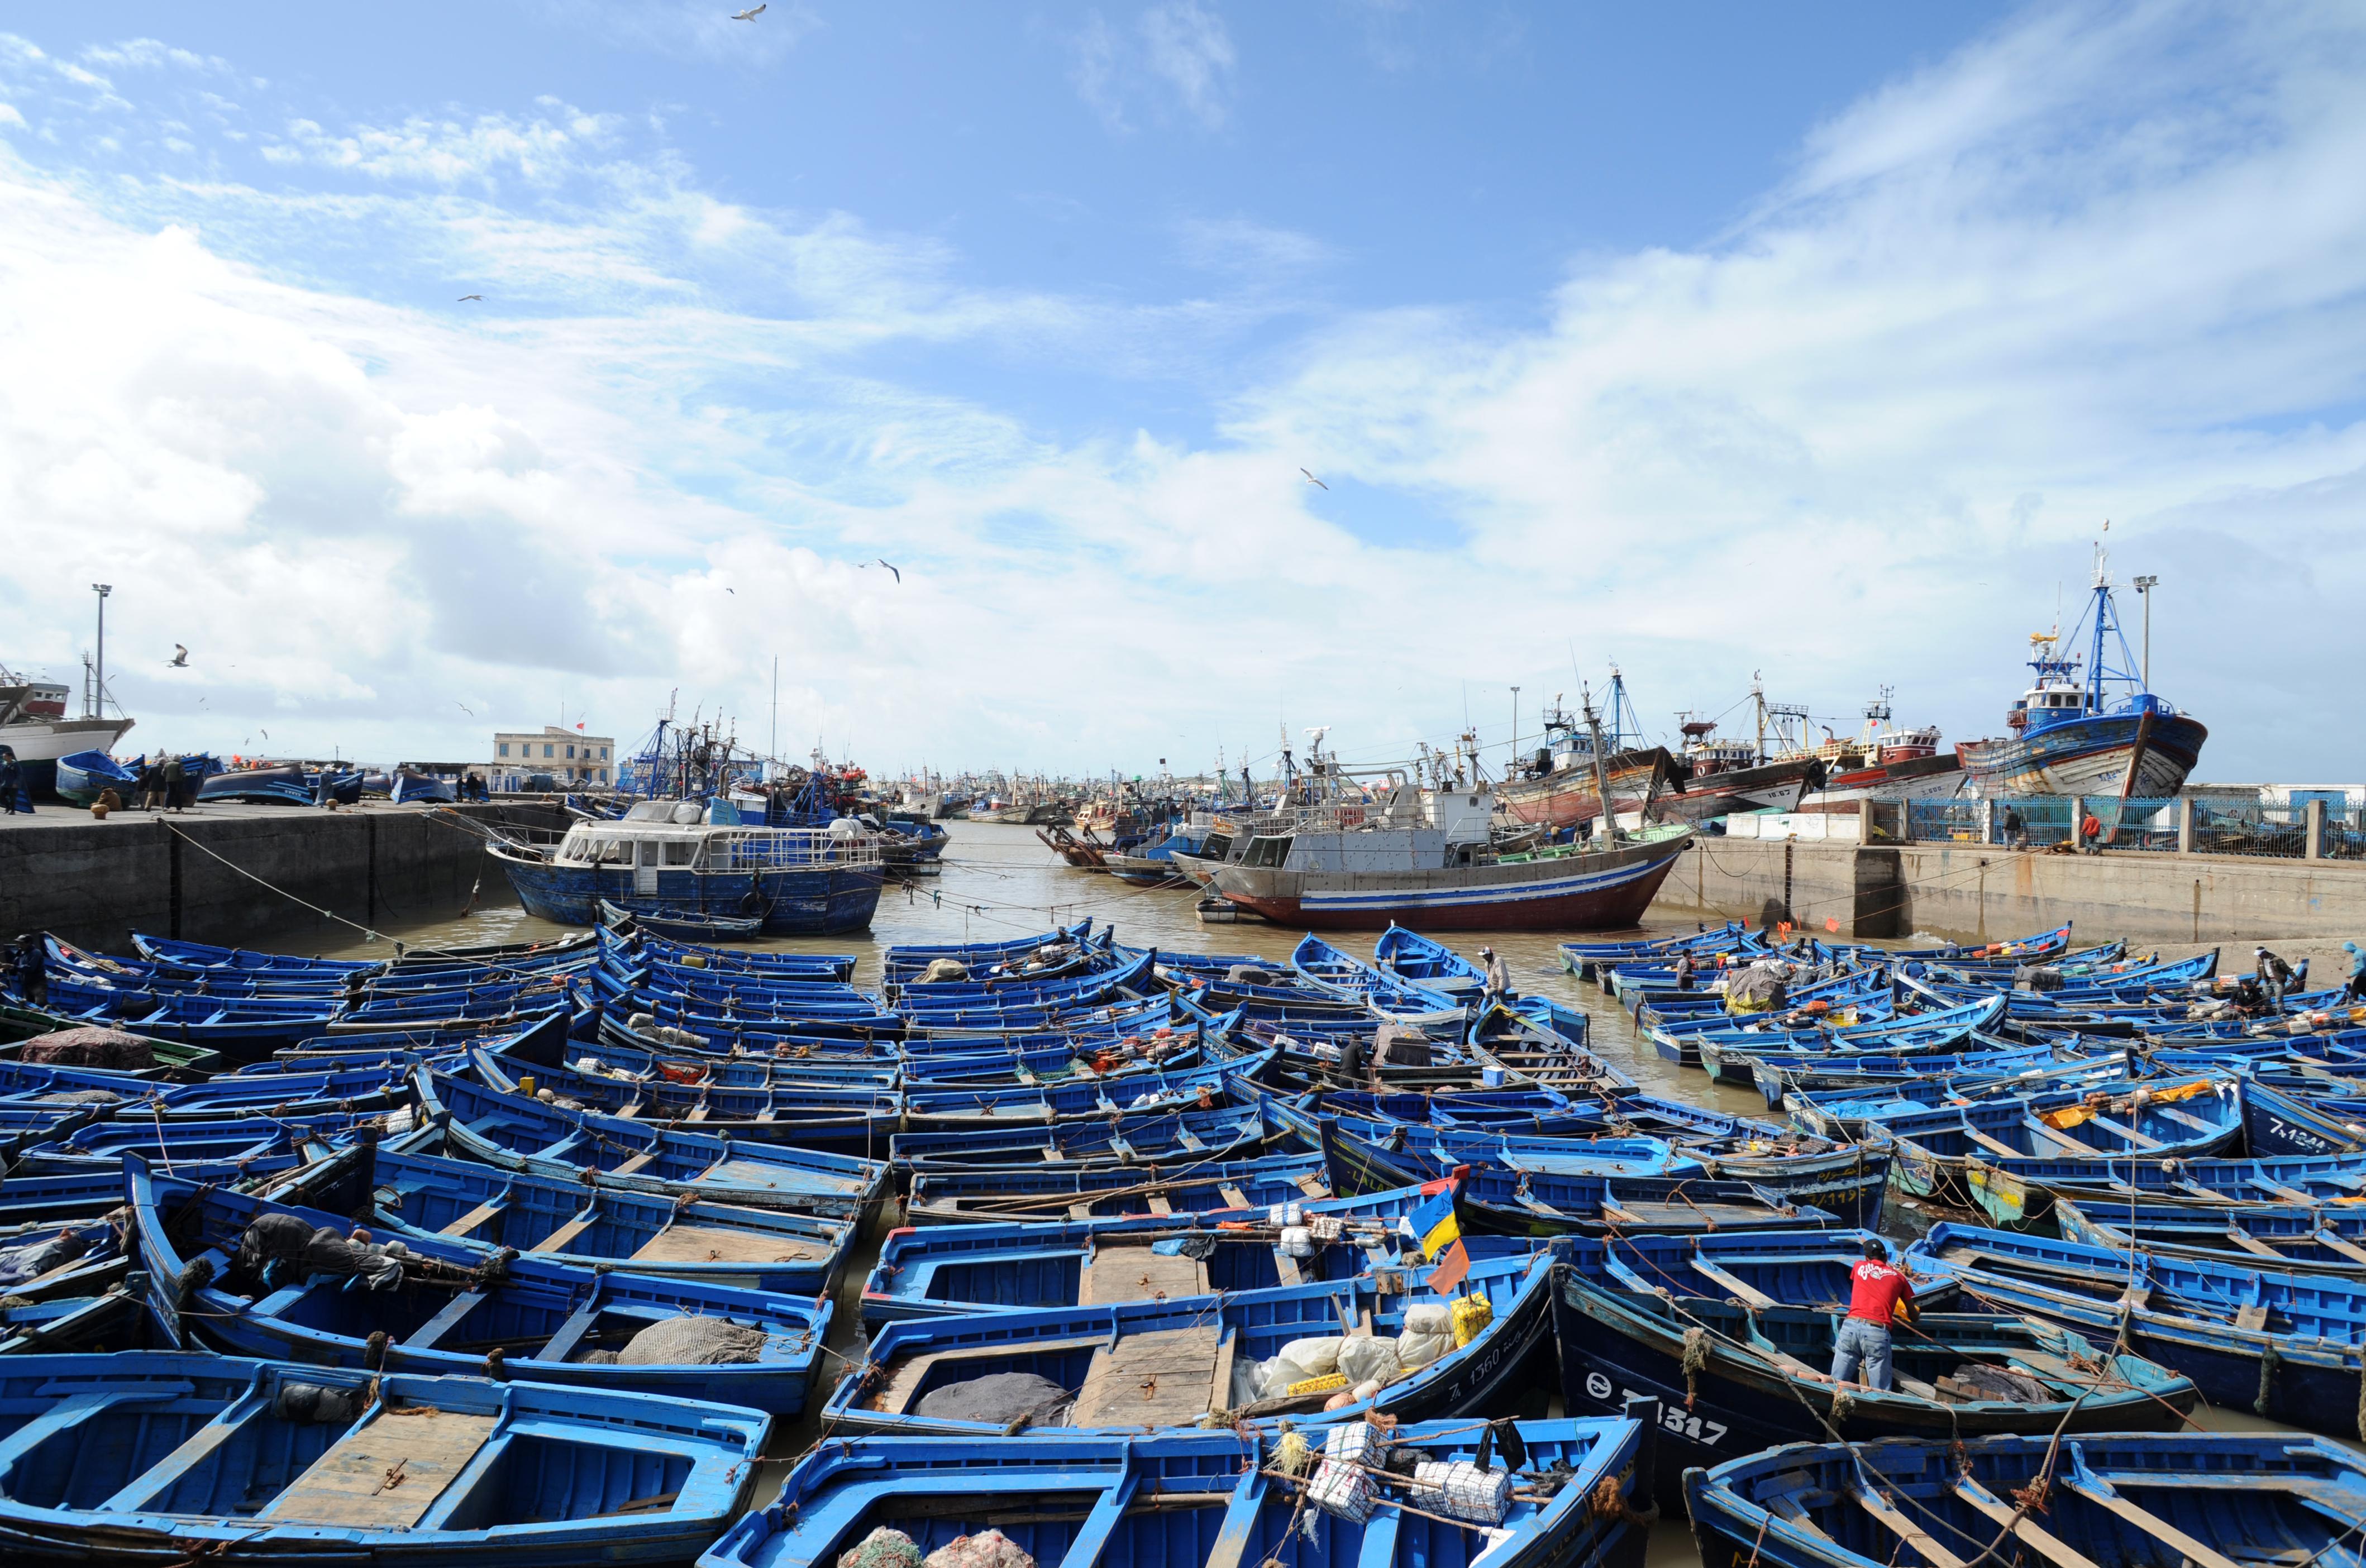 La ville d 39 essaouira autrefois mogador au maroc - Restaurant l huitre y est port des barques ...